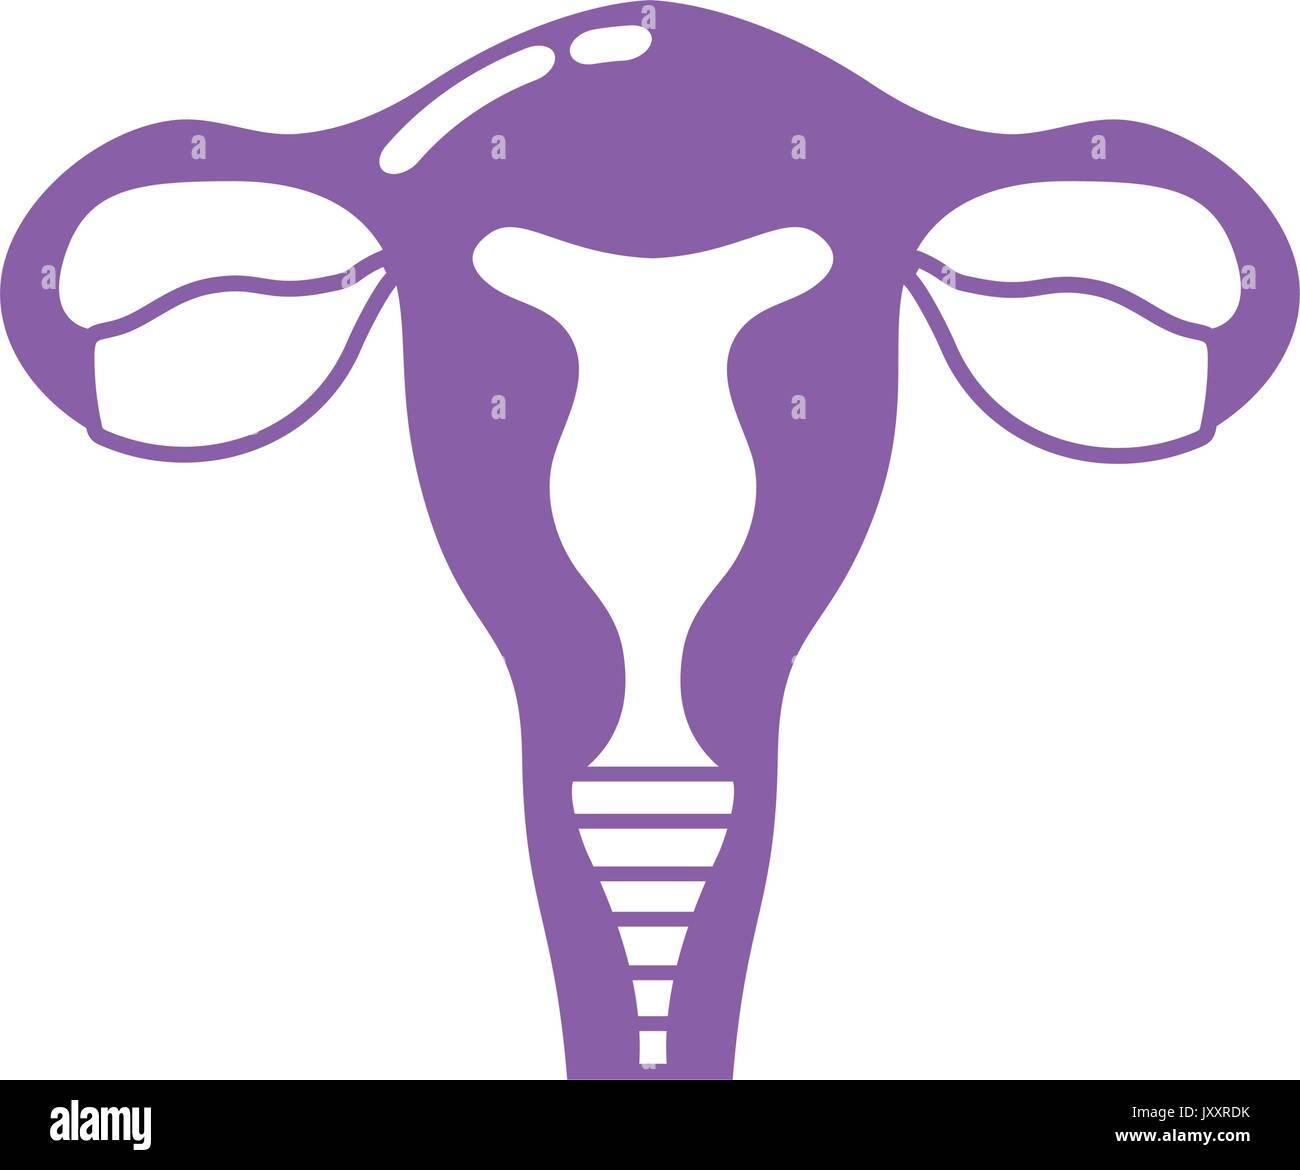 Silhouette Eileiter mit Gebärmutter für die menschliche Anatomie ...